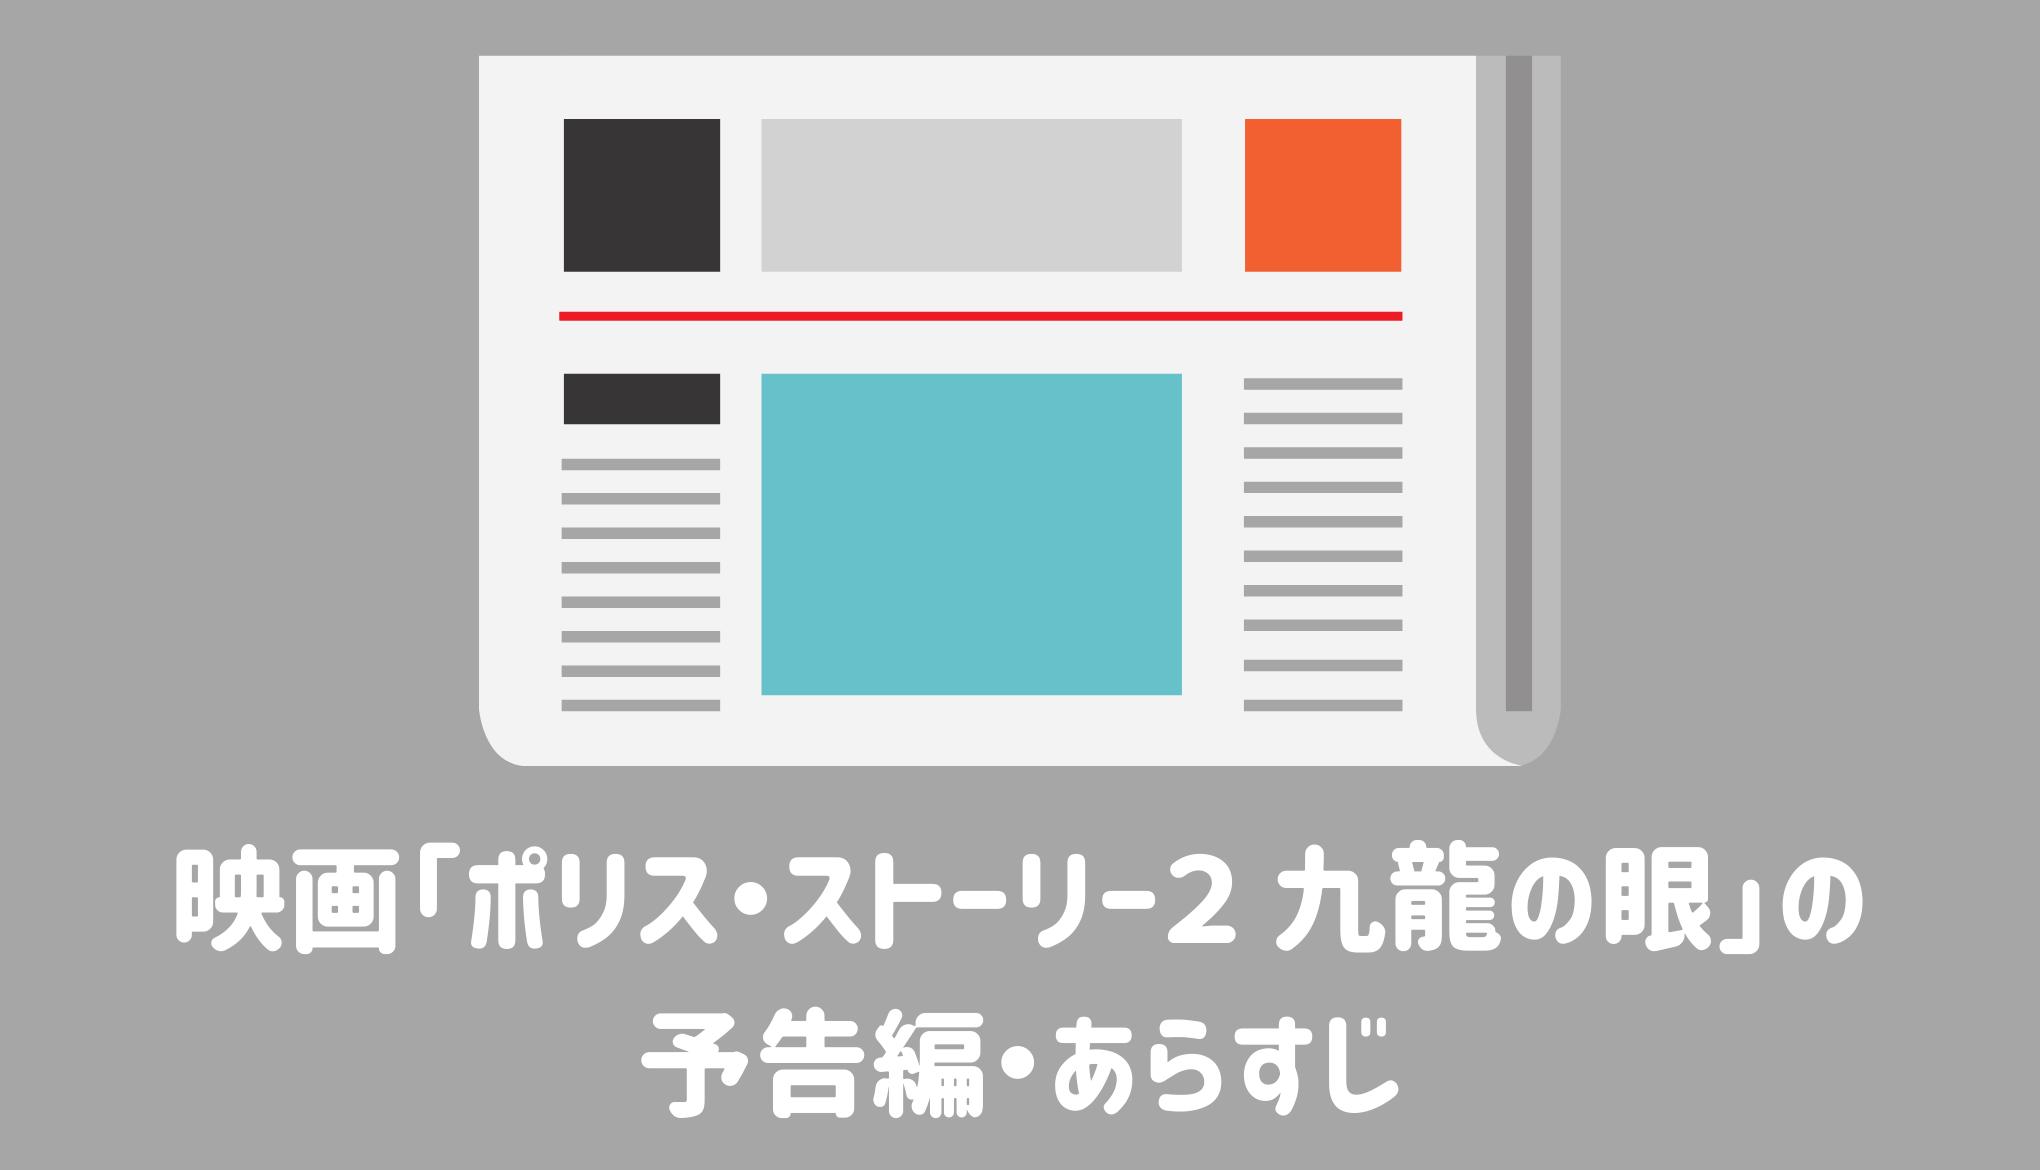 映画「ポリス・ストーリー2 九龍の眼」の予告編・あらすじ